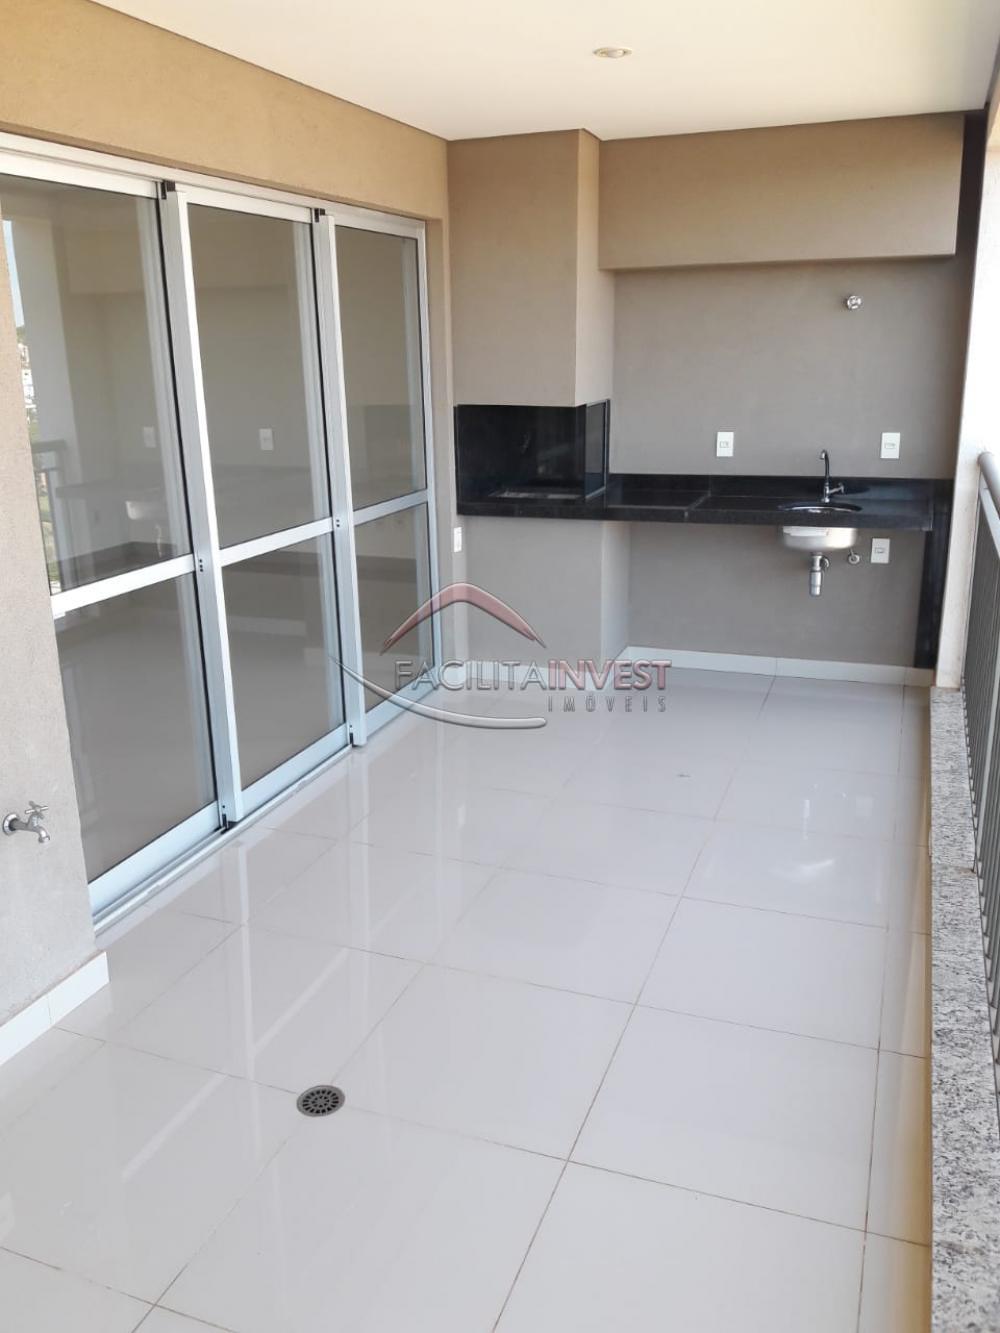 Comprar Apartamentos / Apart. Padrão em Ribeirão Preto apenas R$ 728.293,20 - Foto 1